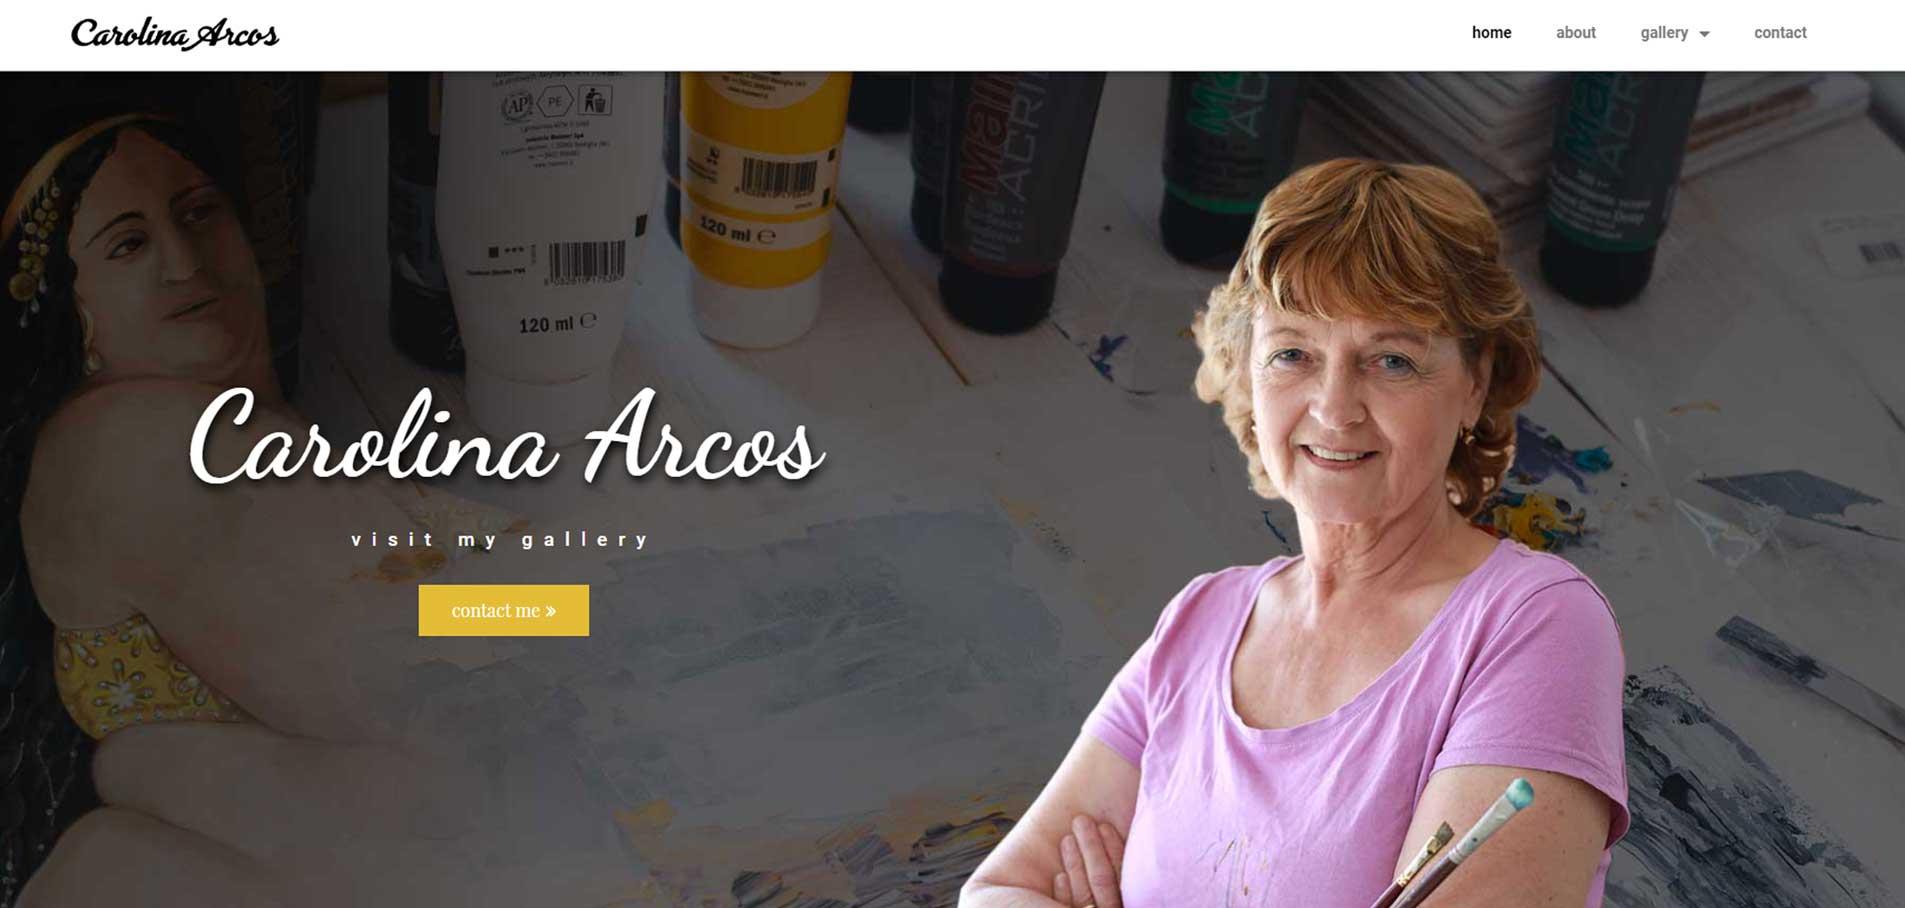 Carolina Arcos website home page